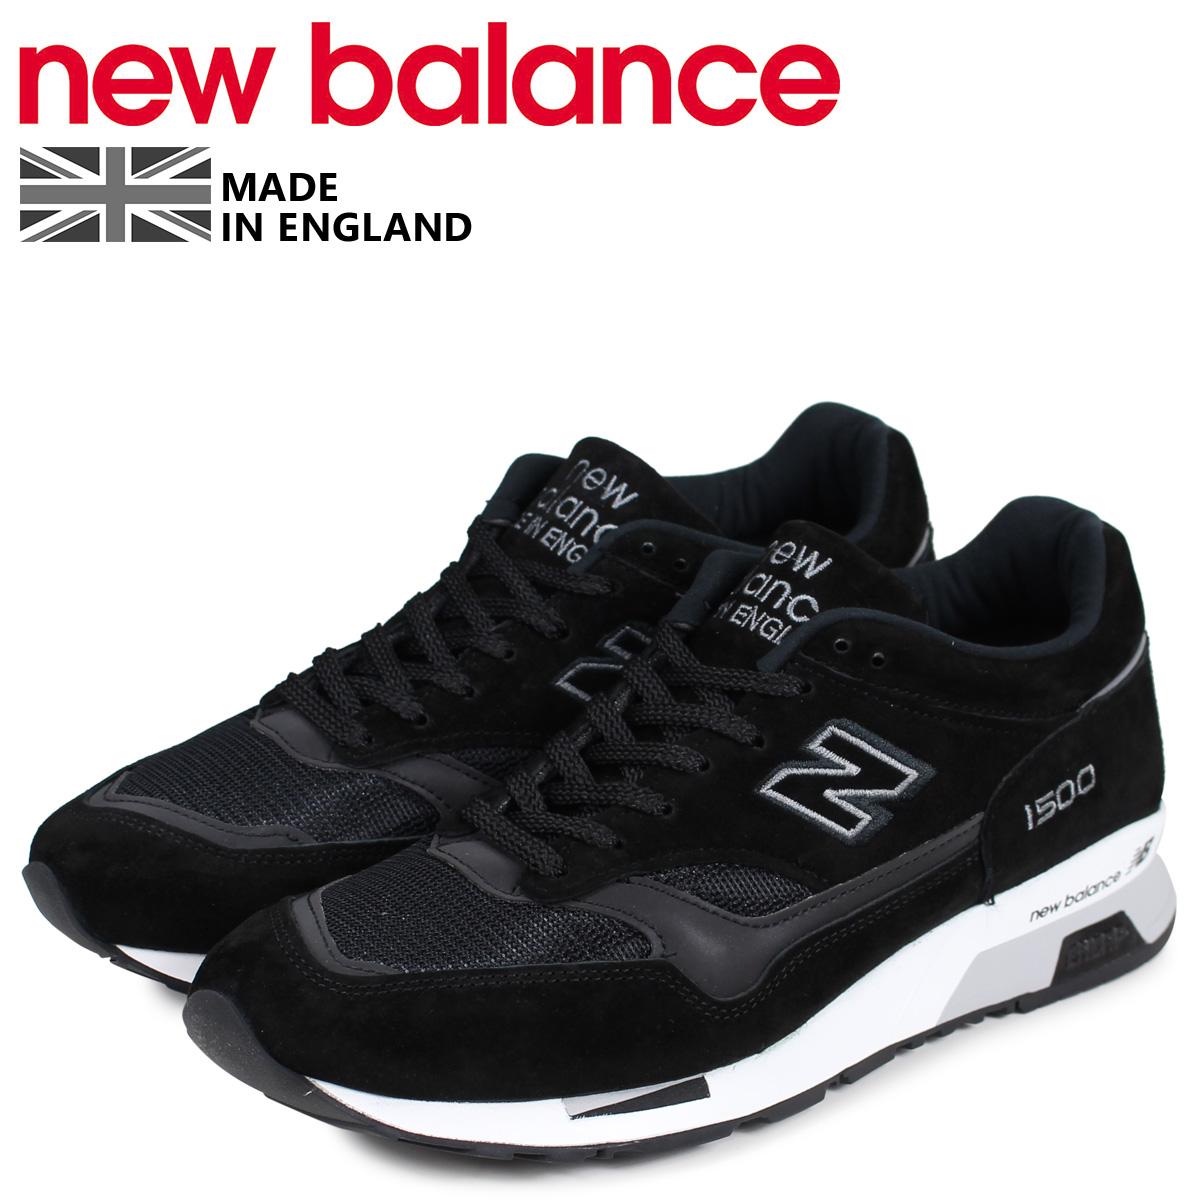 new balance ニューバランス 1500 スニーカー メンズ Dワイズ MADE IN UK ブラック 黒 M1500JKK [予約商品 4/10頃入荷予定 新入荷]